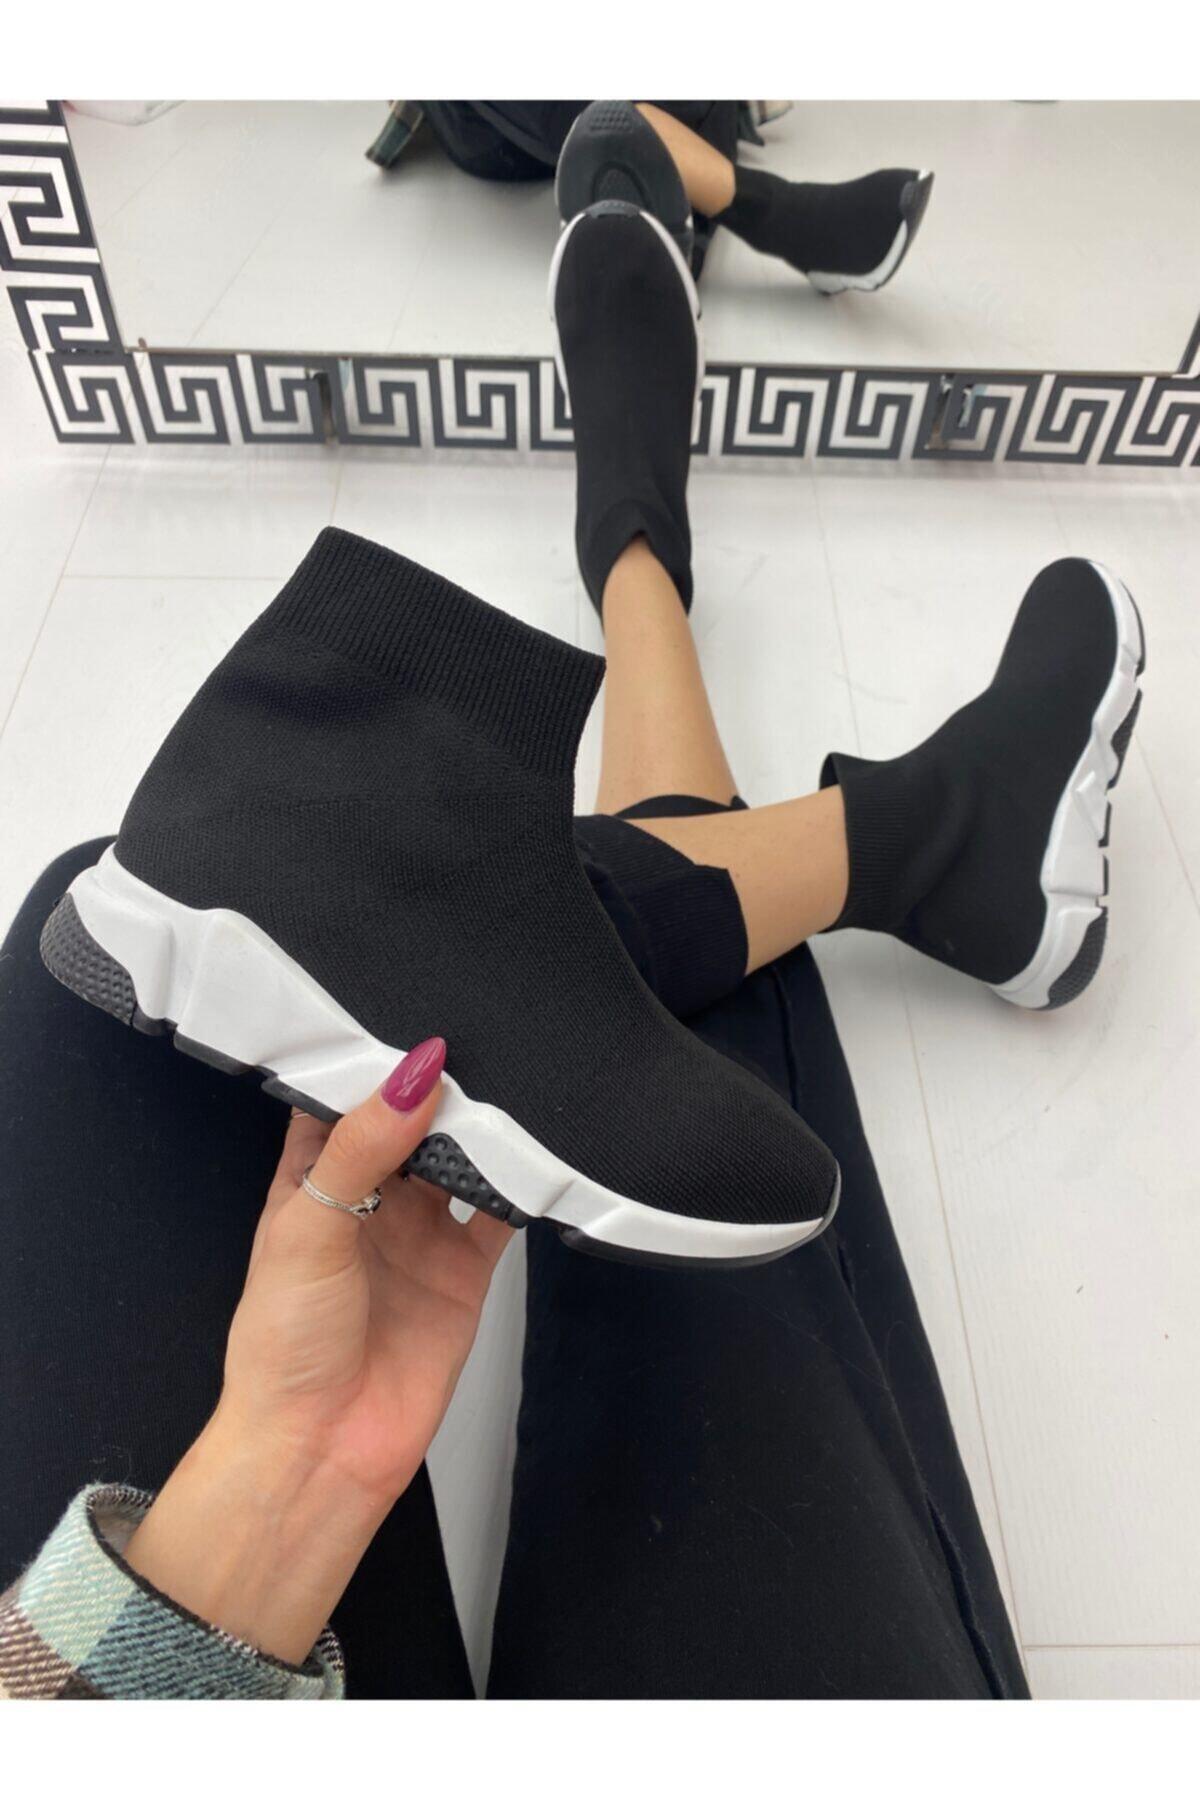 ELSESHOES Kadın Siyah Bogazlı Spor Ayakkabı 1